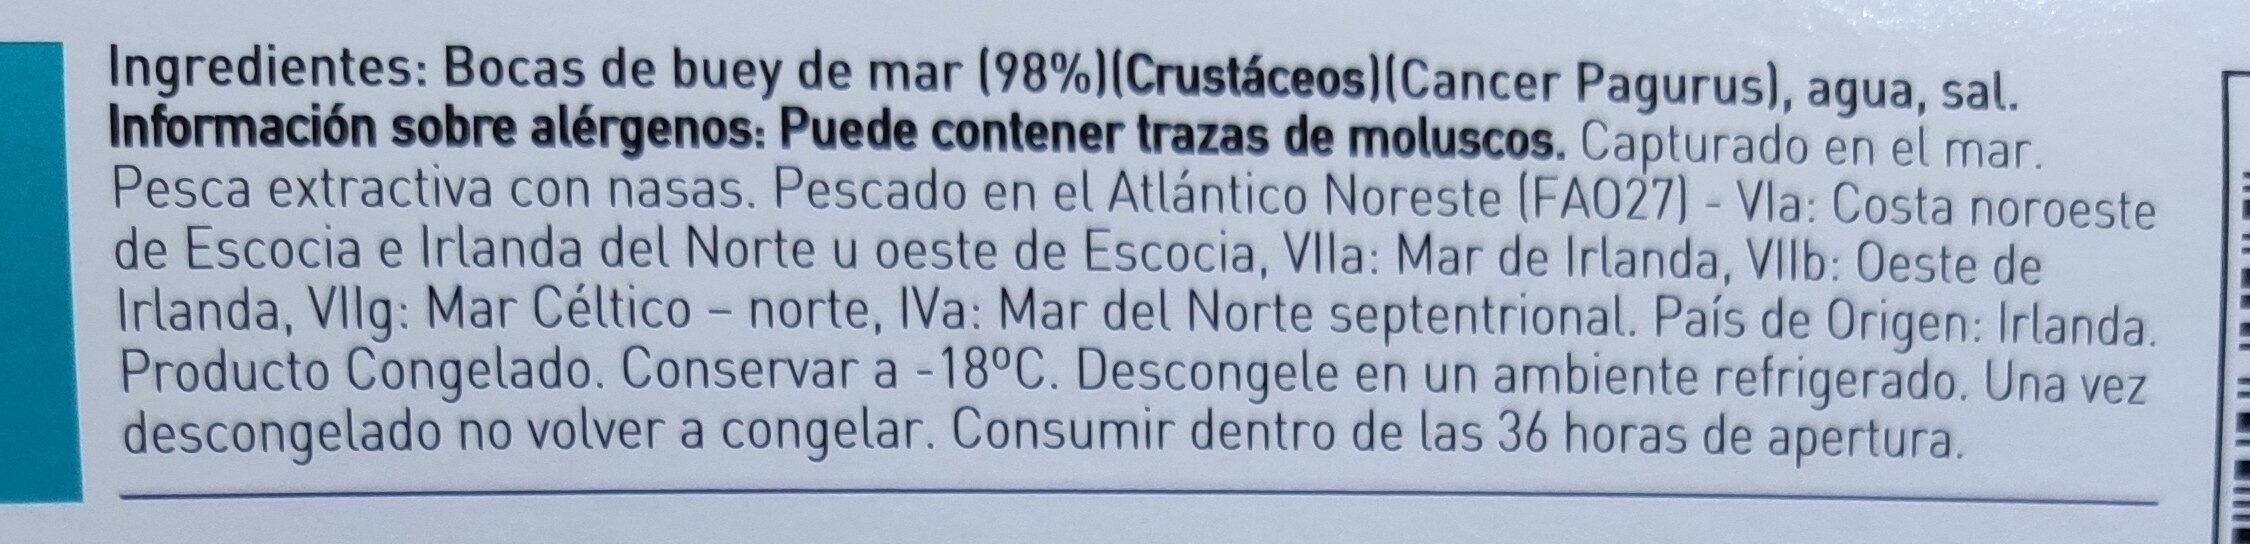 Bocas de buey de mar cocidas congeladas - Ingredientes